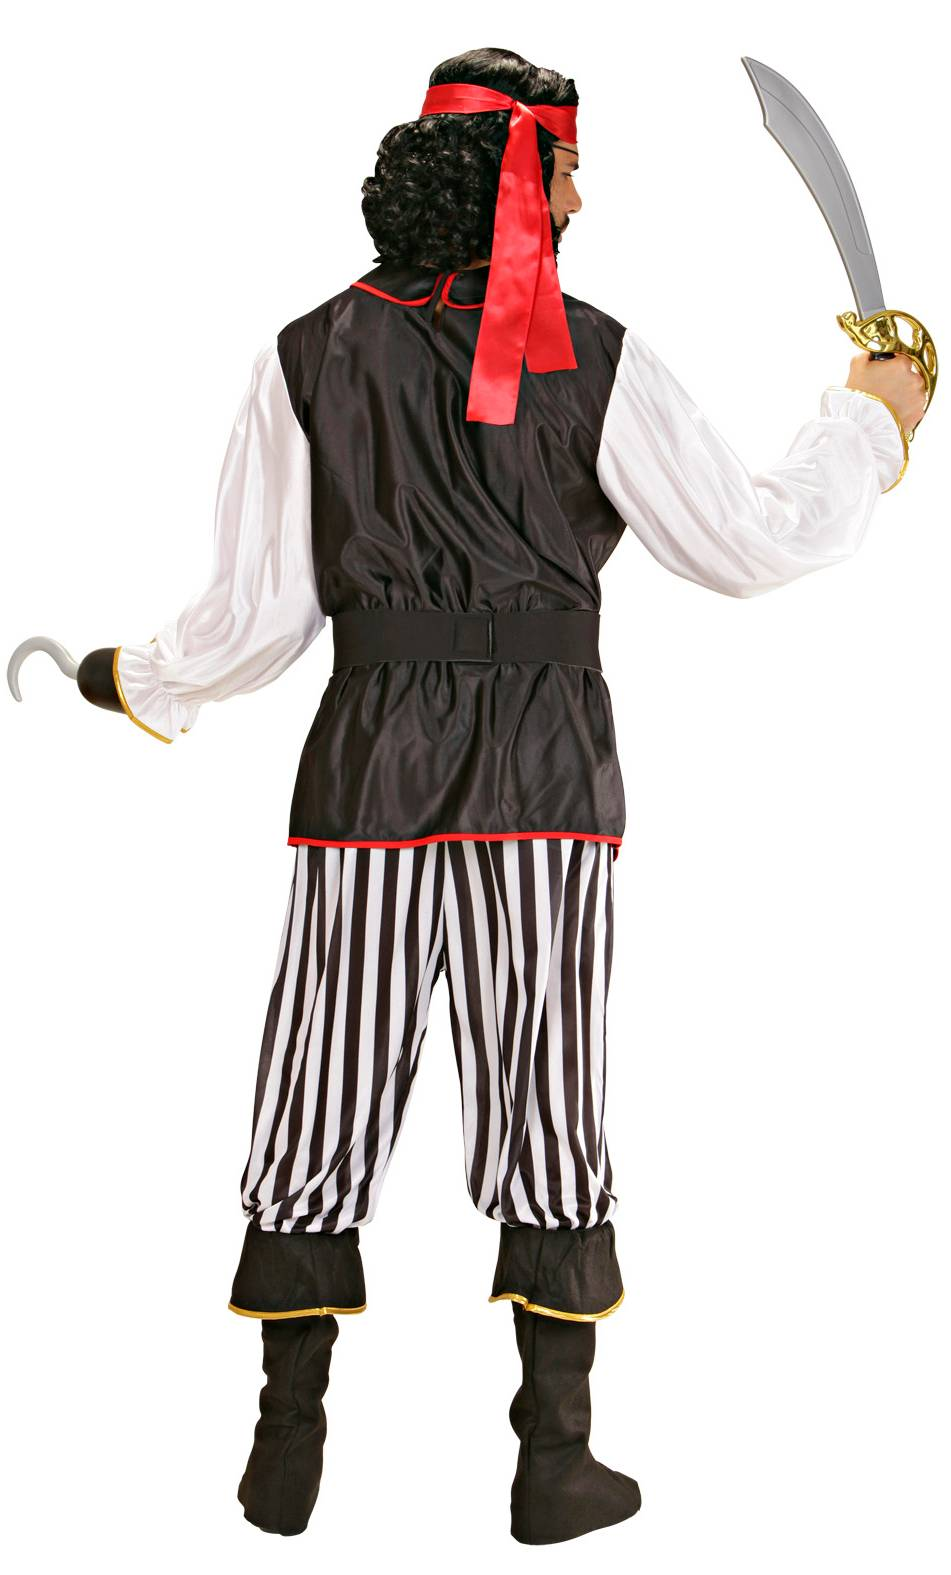 Costume-de-pirate-grande-taille-XL-3